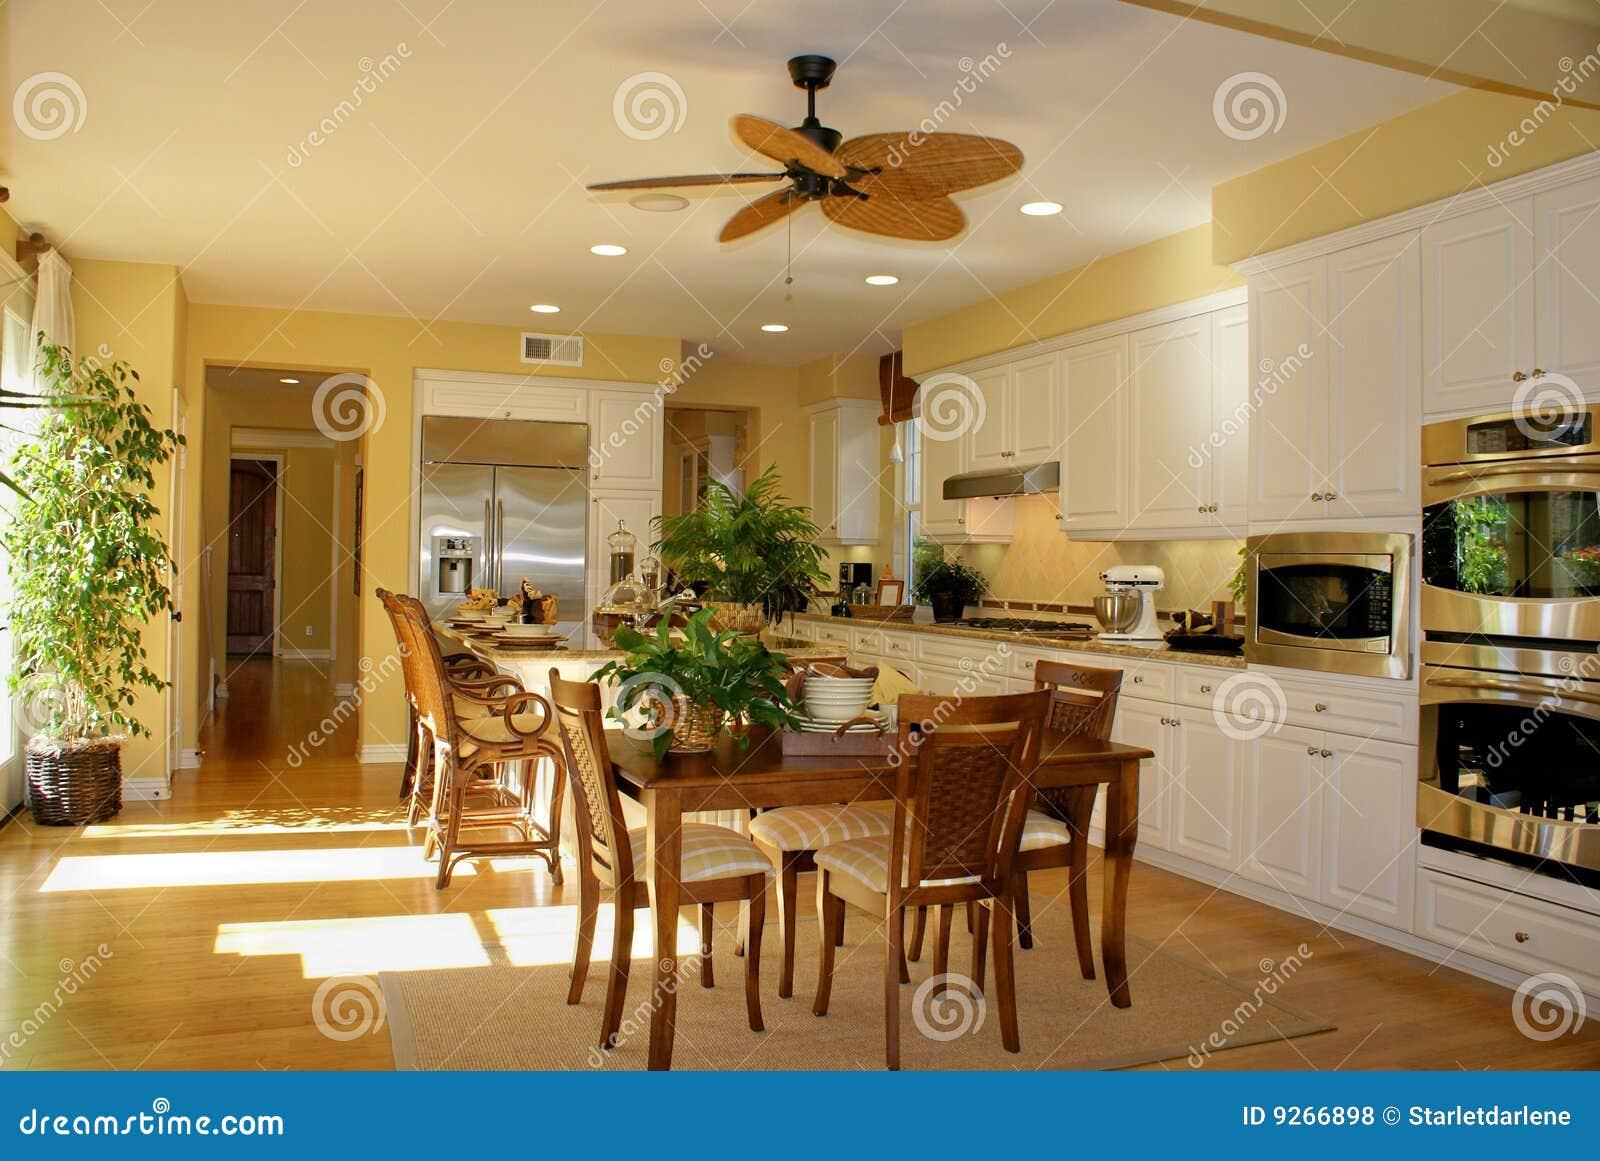 Pareti Gialle Per Cucina : Colore soggiorno giallo idee per il design della casa